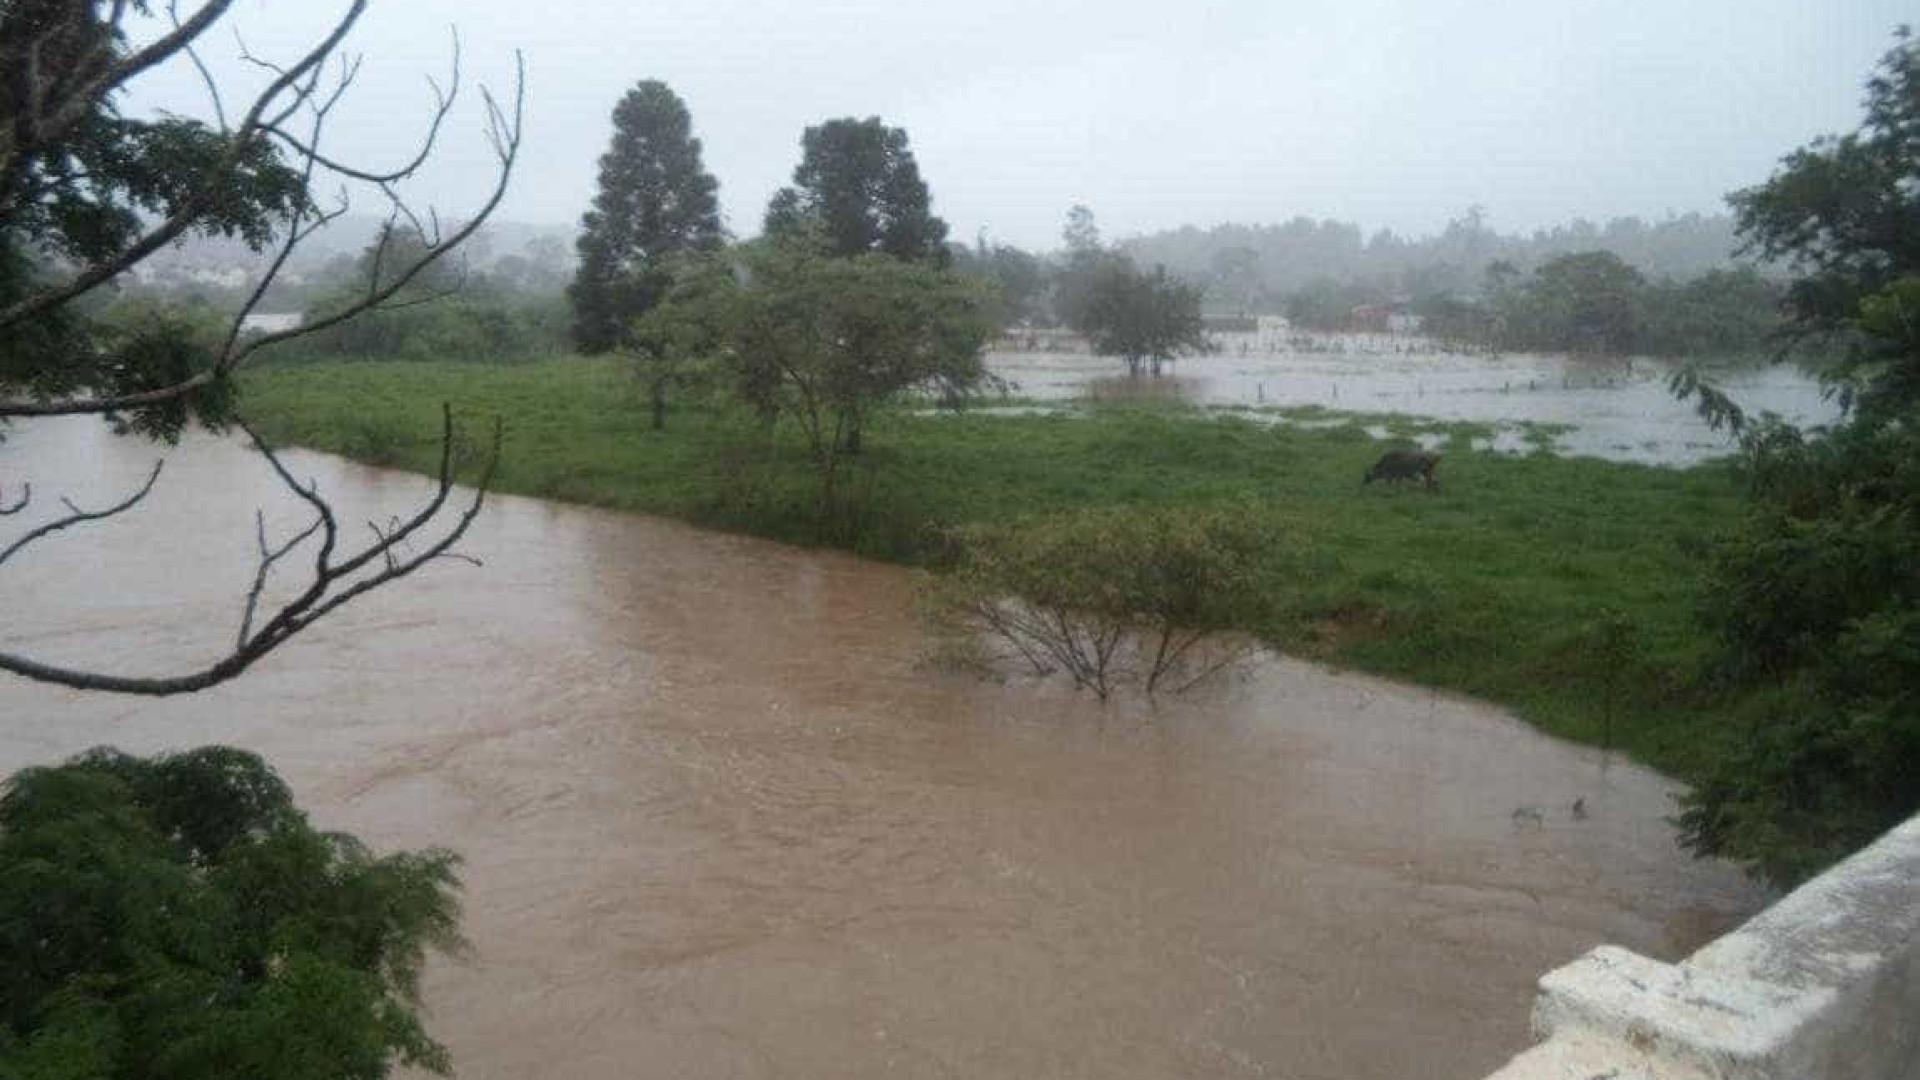 Carro cai em enchente e três morrem afogados no interior de SP